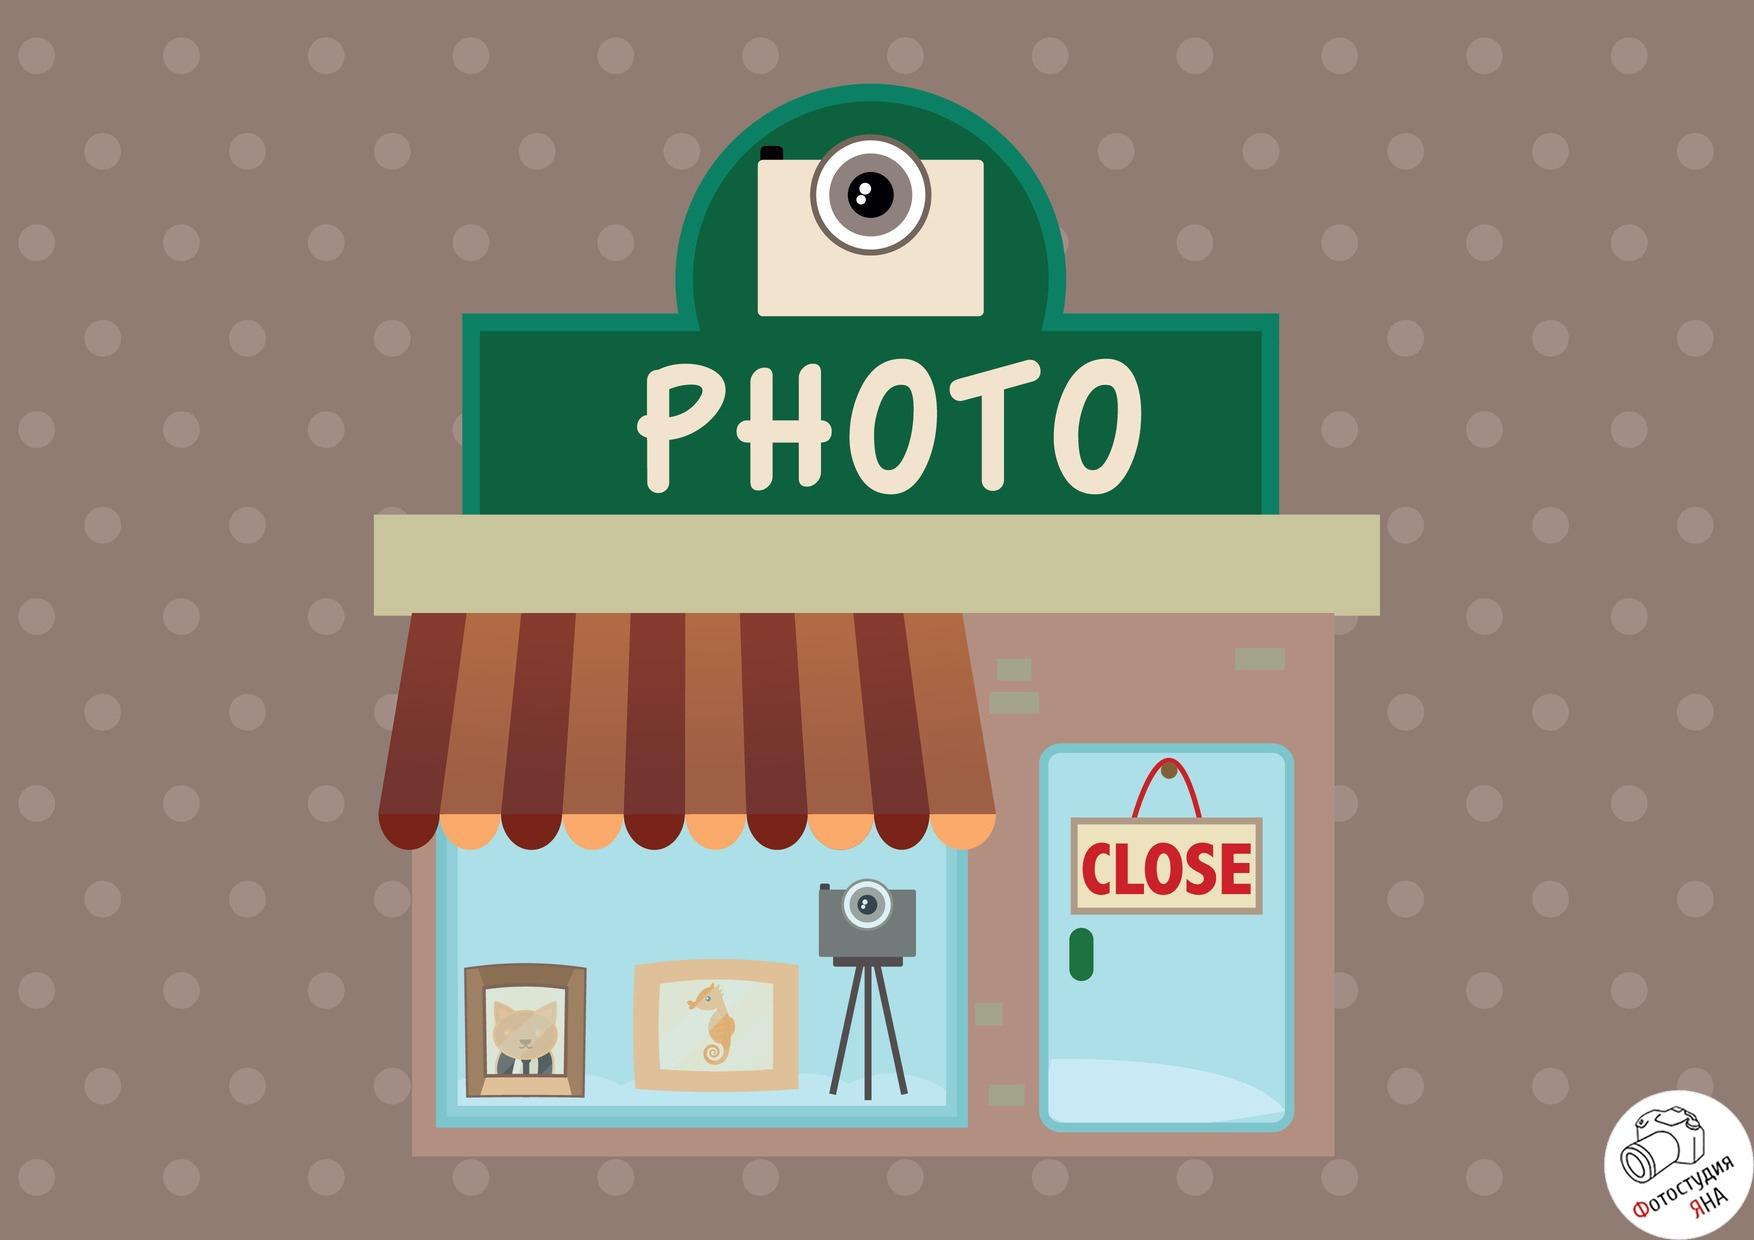 Как расслабиться в интерьерной фотостудии и получить отличные портреты за 15 минут, изображение №1